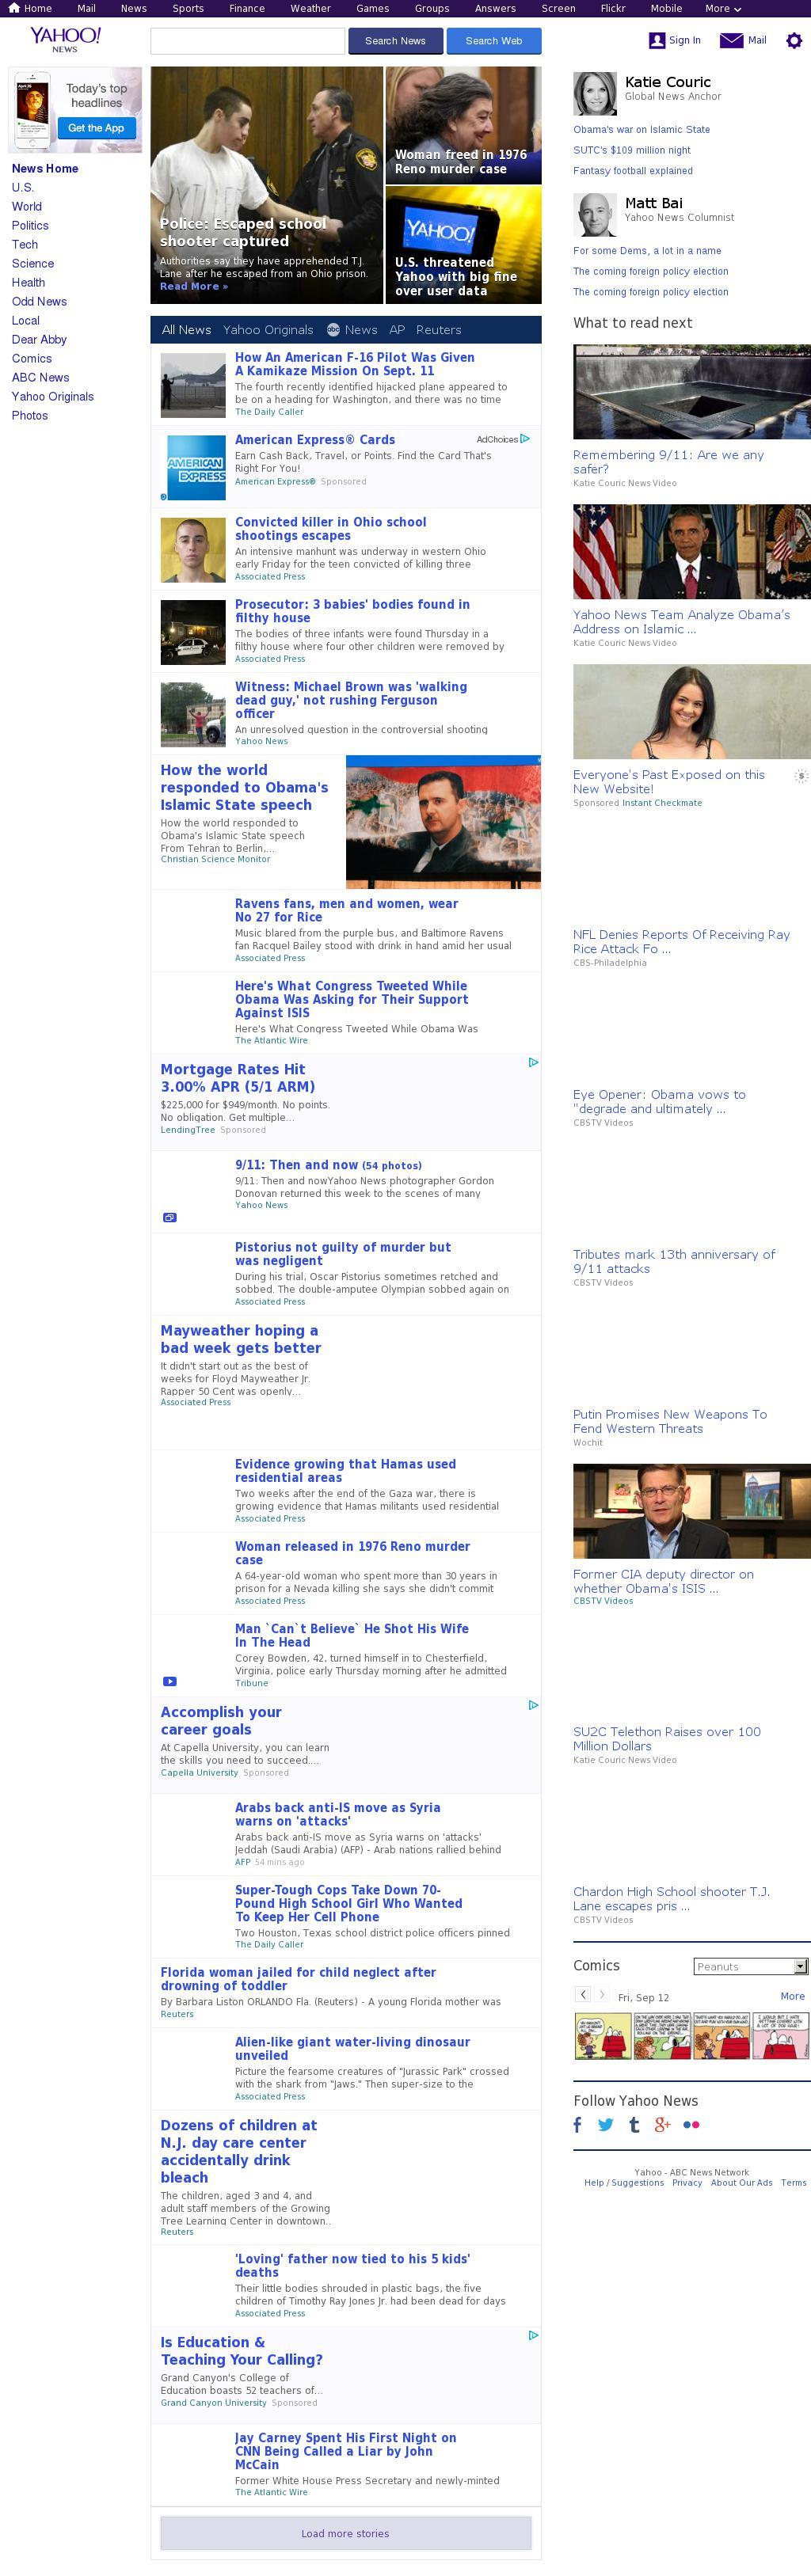 Yahoo! News at Friday Sept. 12, 2014, 6:20 a.m. UTC